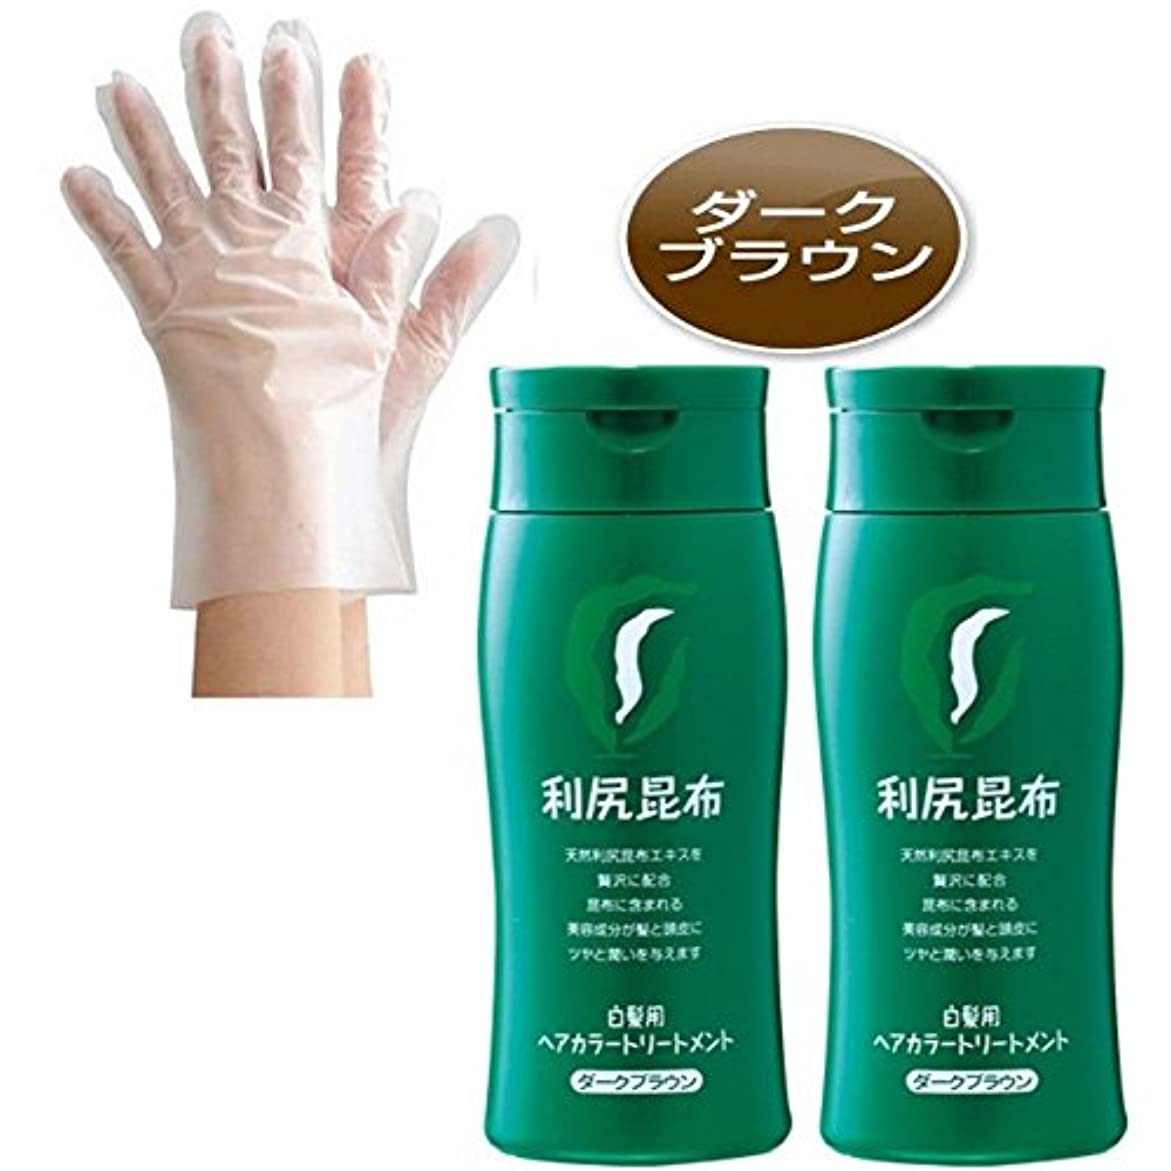 利尻昆布ヘアカラートリートメント (ダークブラウン) 白髪染め 200g × 2個(使い捨て手袋付)【無添加?日本製】